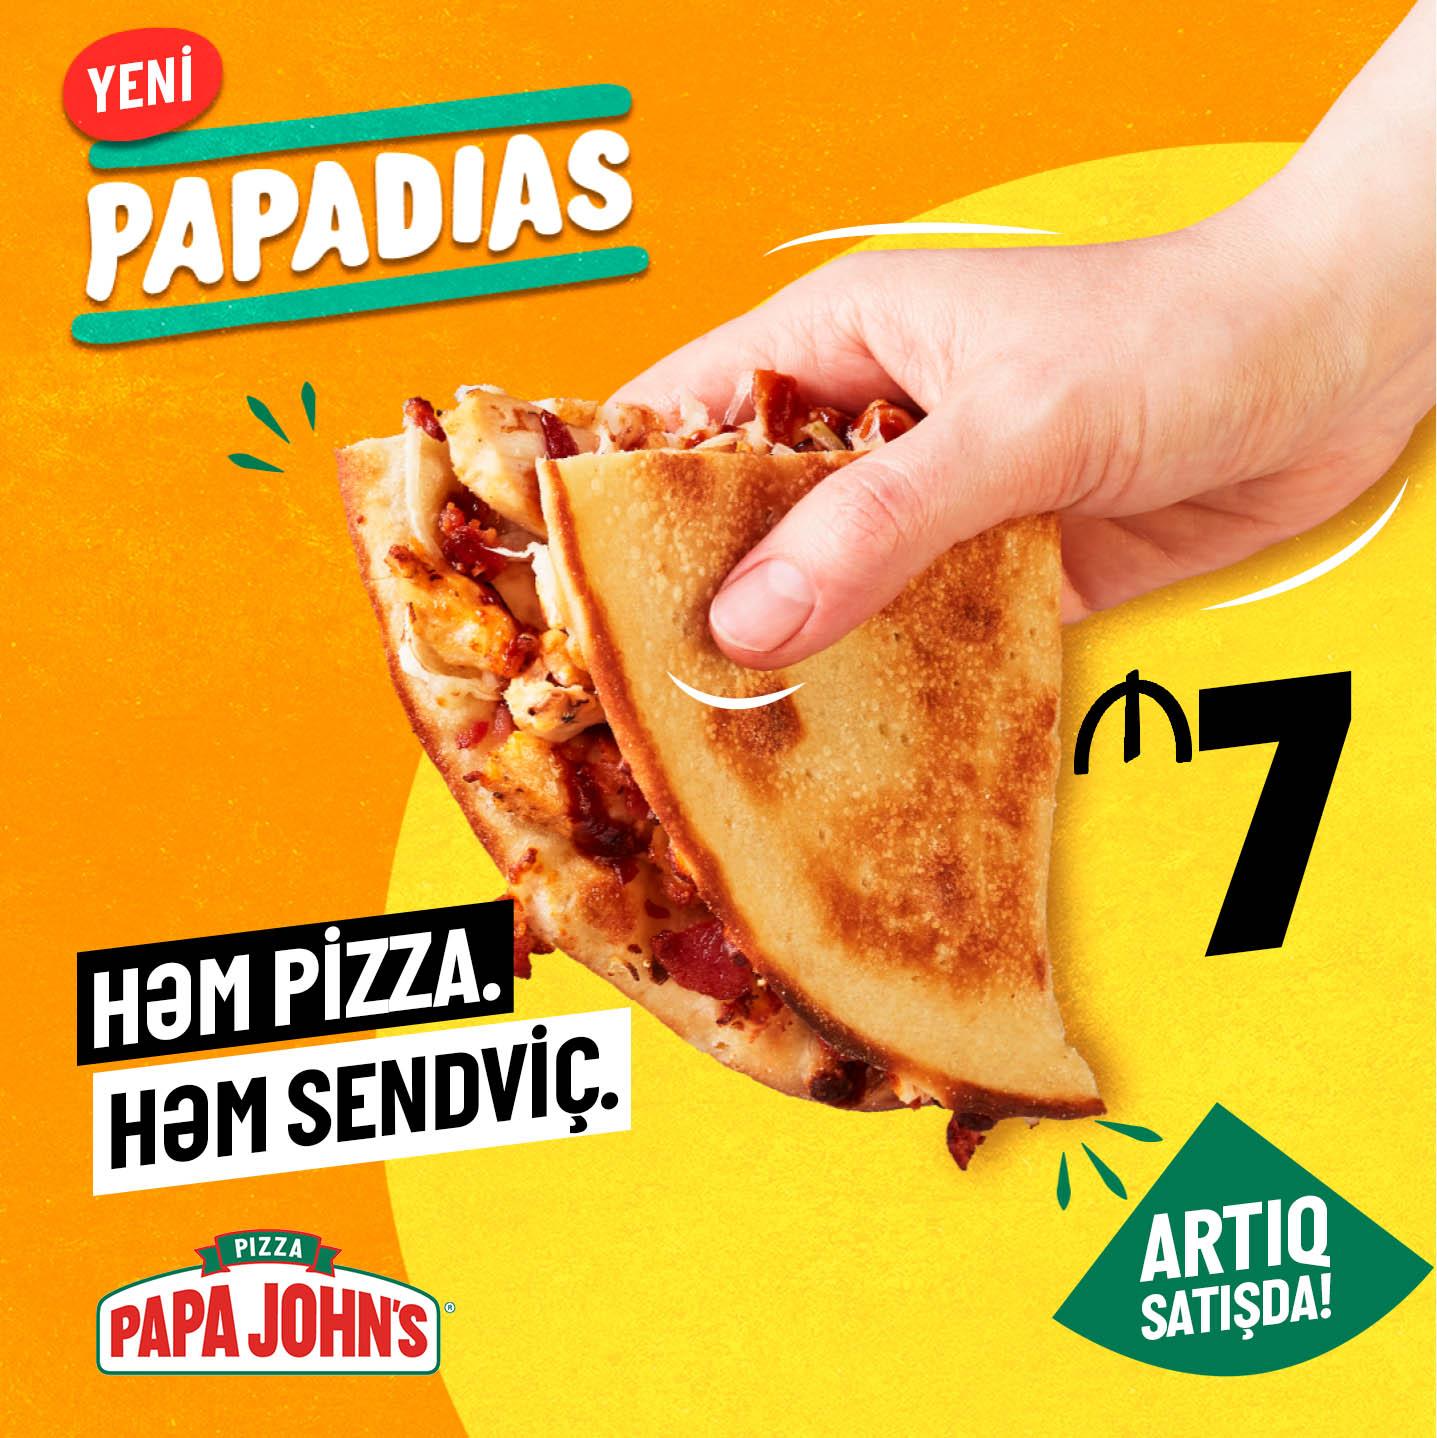 Papadias